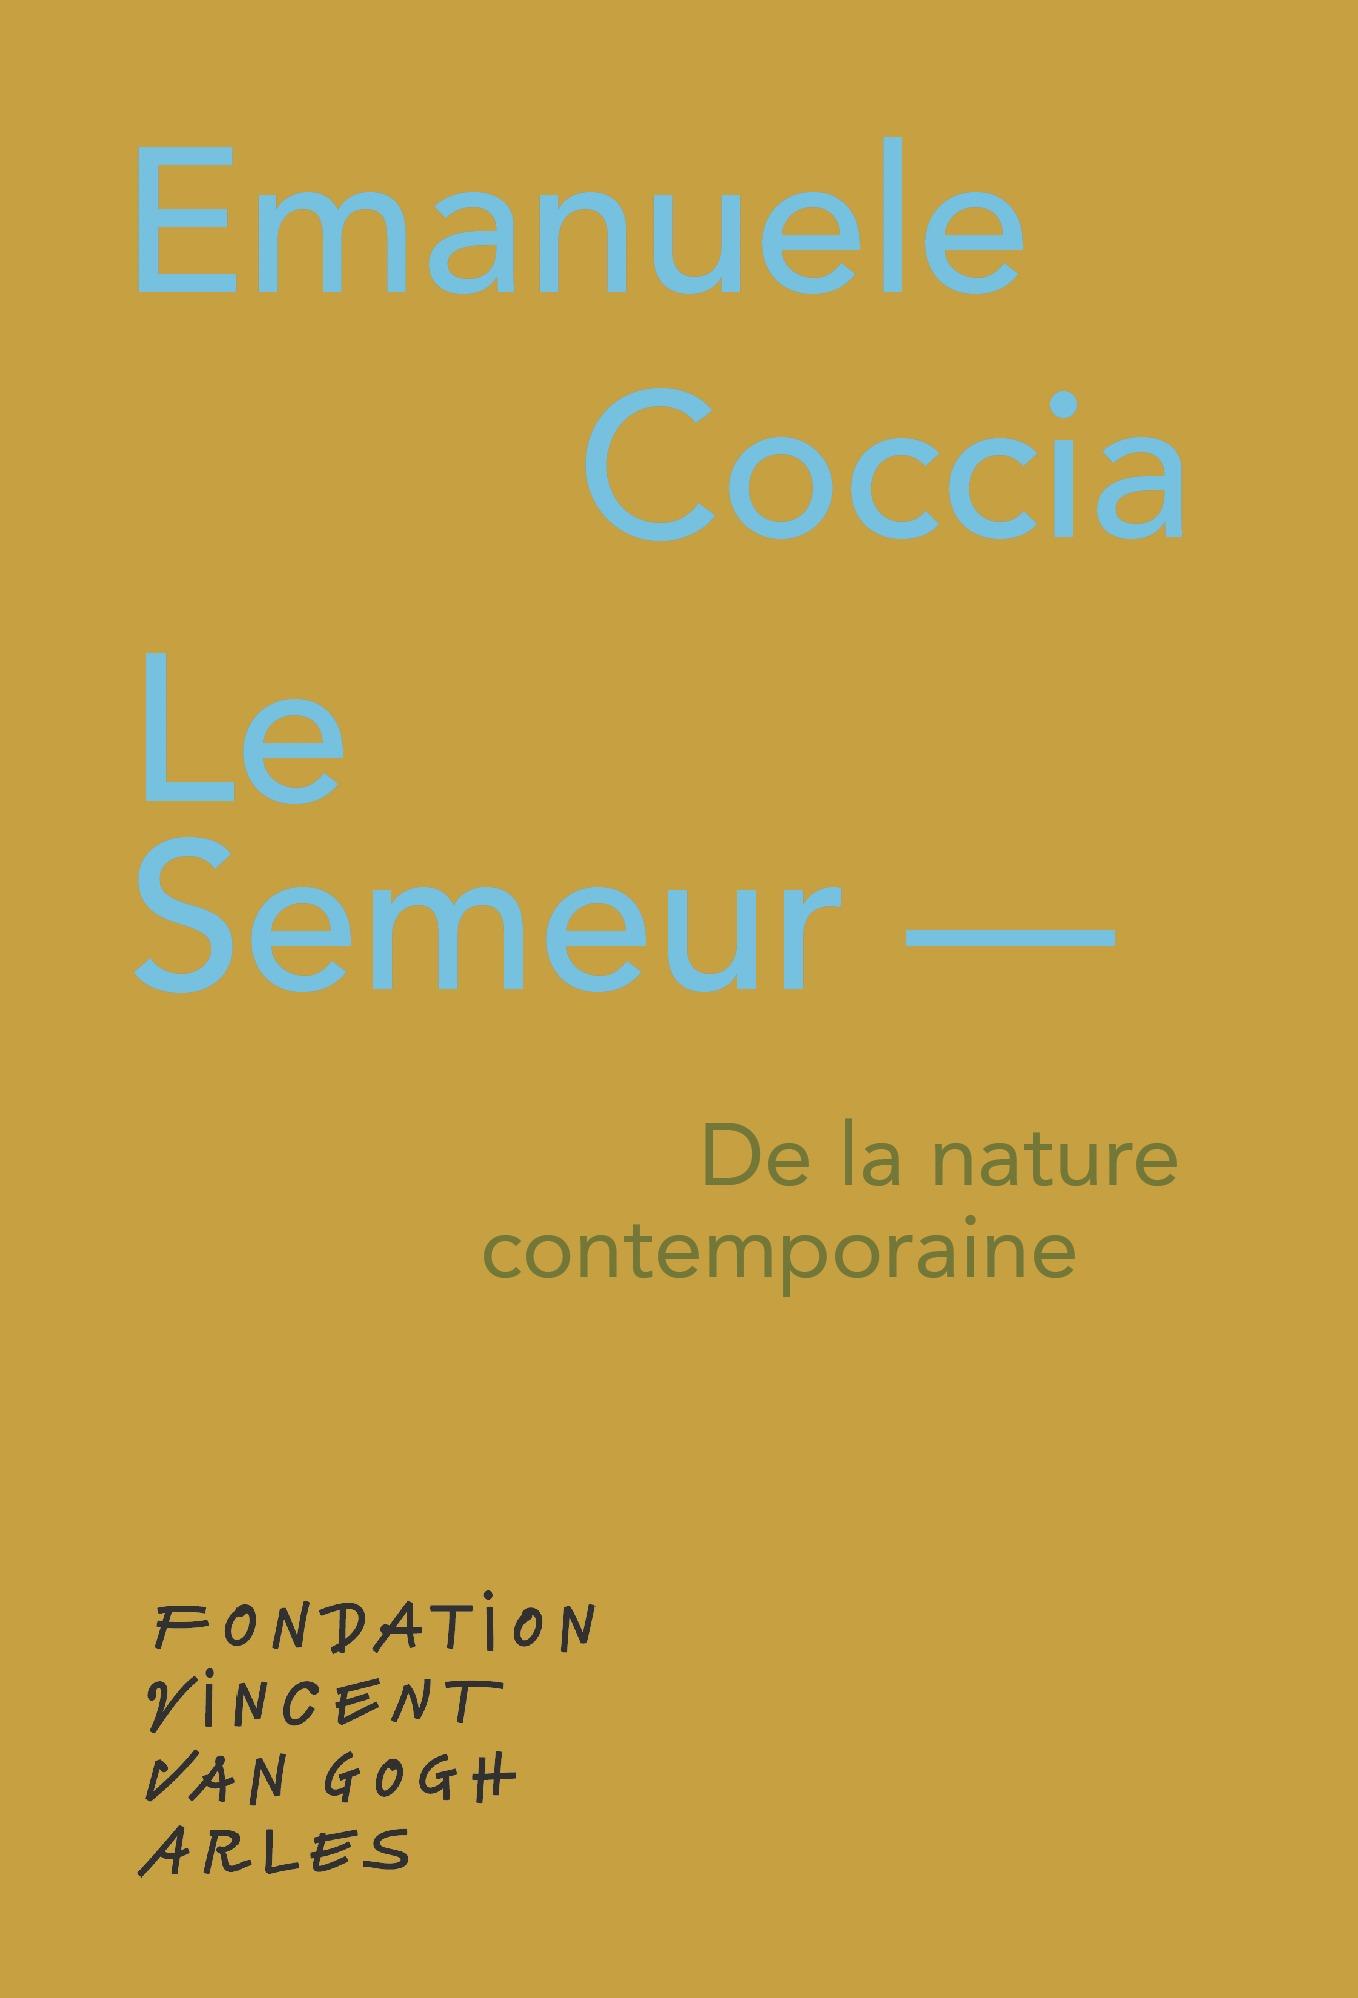 LE SEMEUR  DE LA NATURE CONTEMPORAINE - THE SOWER  ON CONTEMPORARY ART